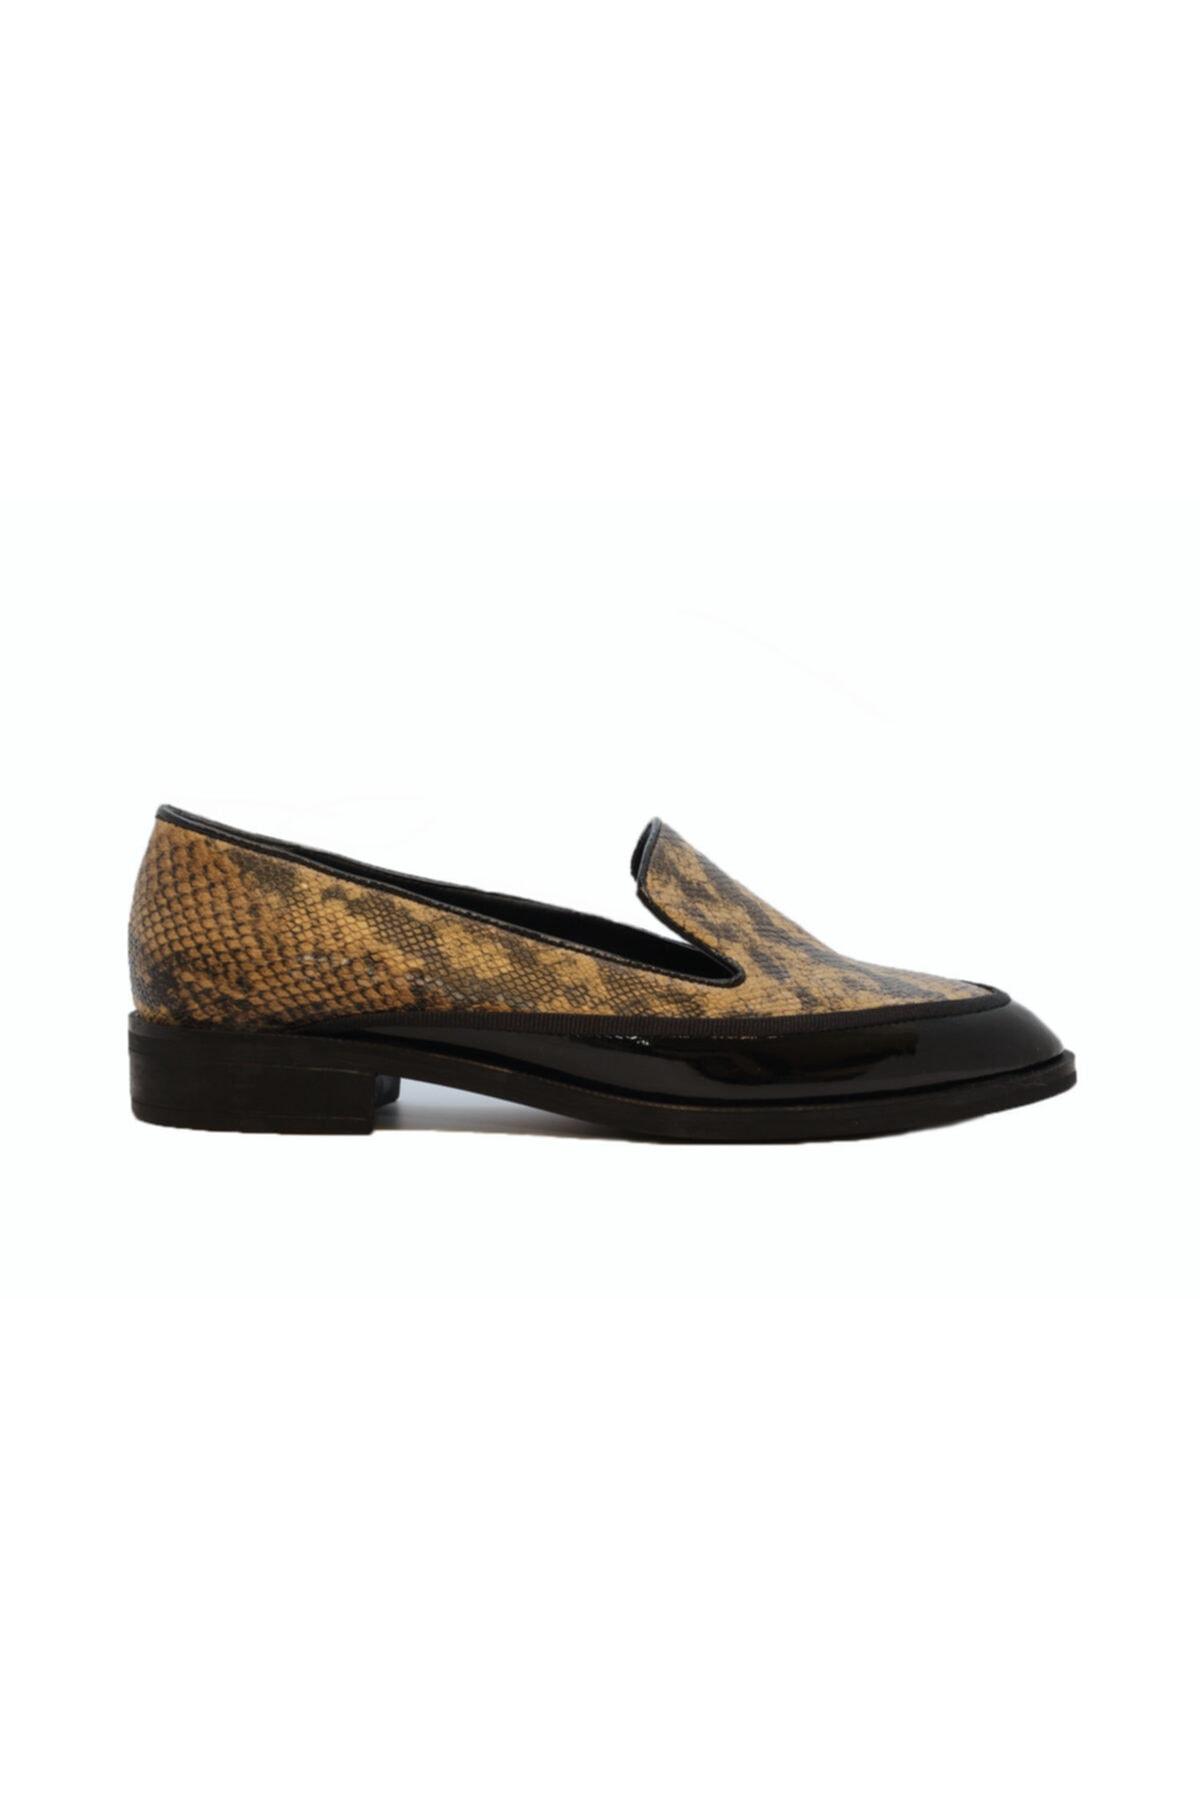 DİVUM Siyah Rugan Yılanlı Ayakkabı 1